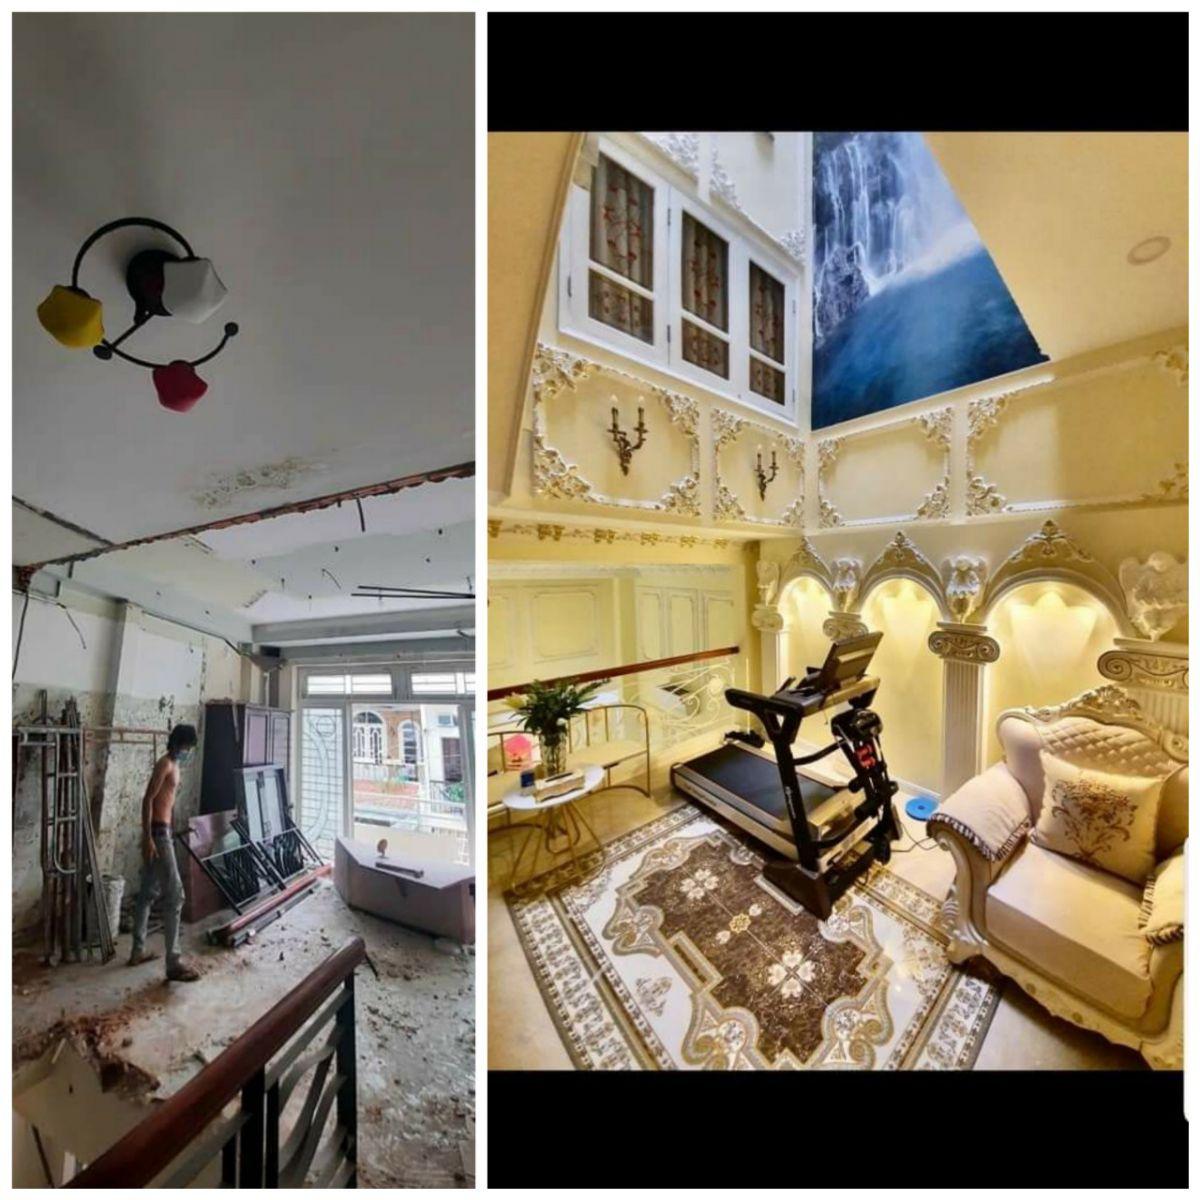 cải tạo phòng khách kiểu cổ điển